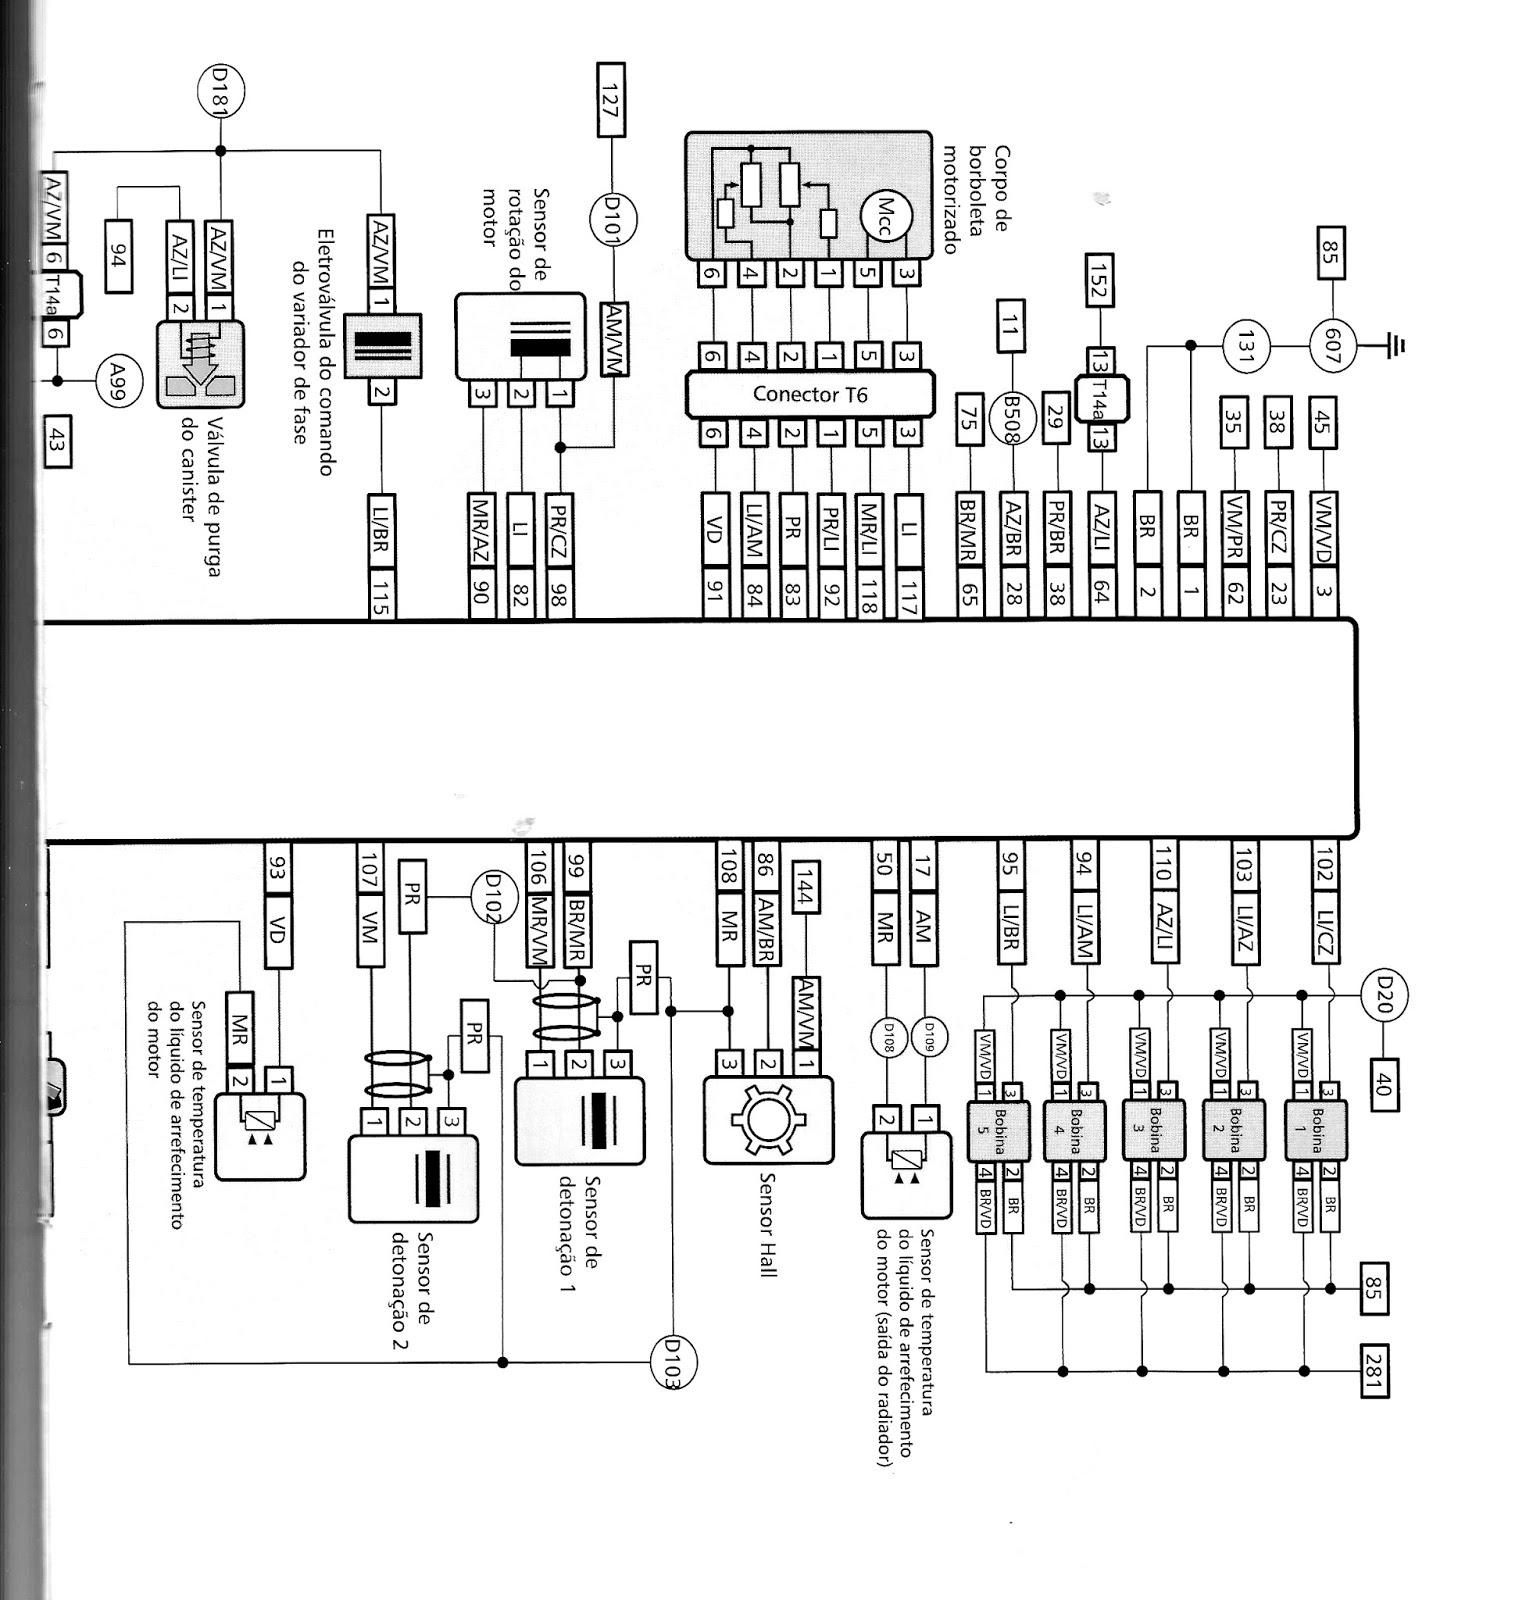 Ep Injecao Eletronica Esquema Eletrico Do Vw Jetta 2 5